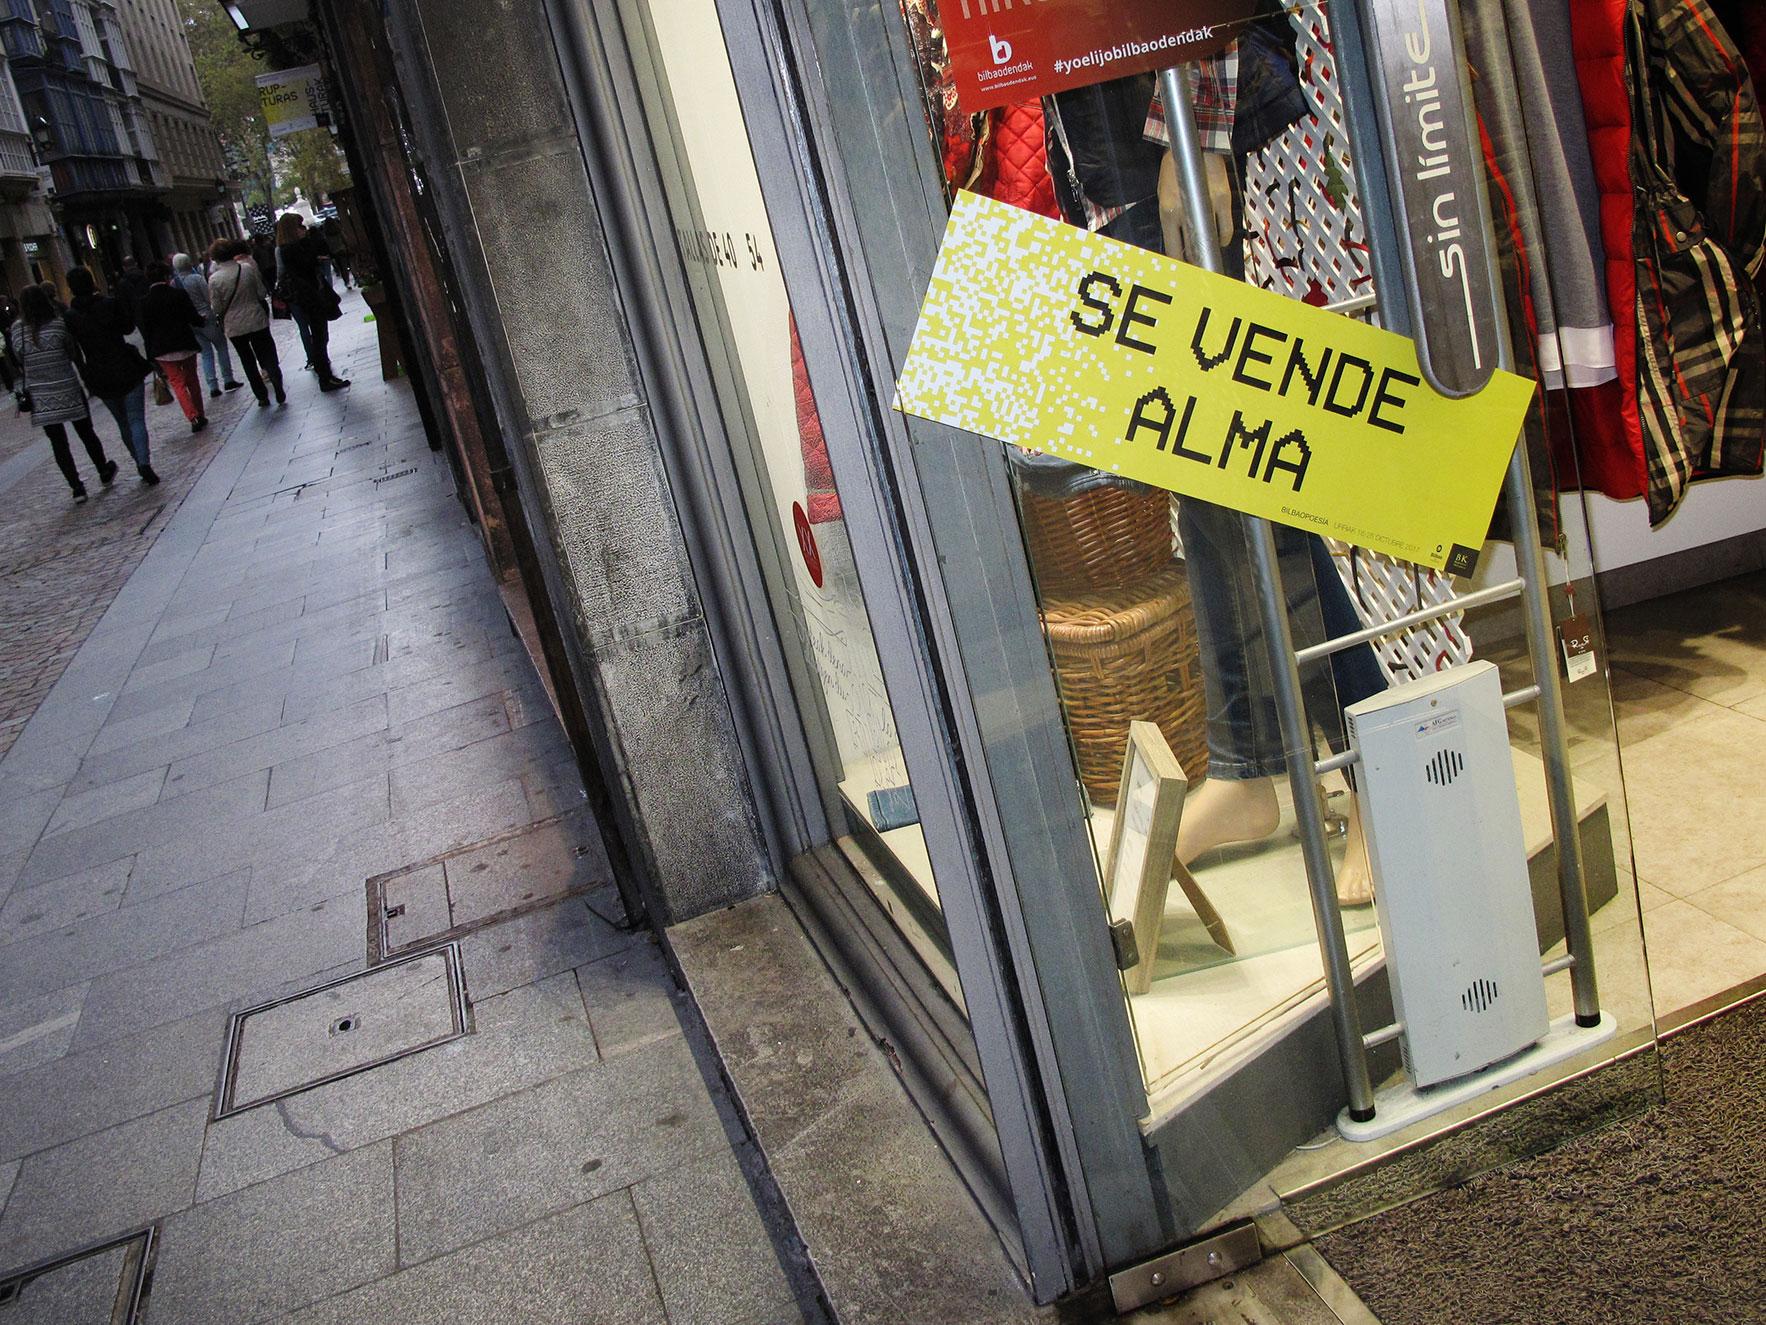 Bilbao poesía escaparate tienda calle